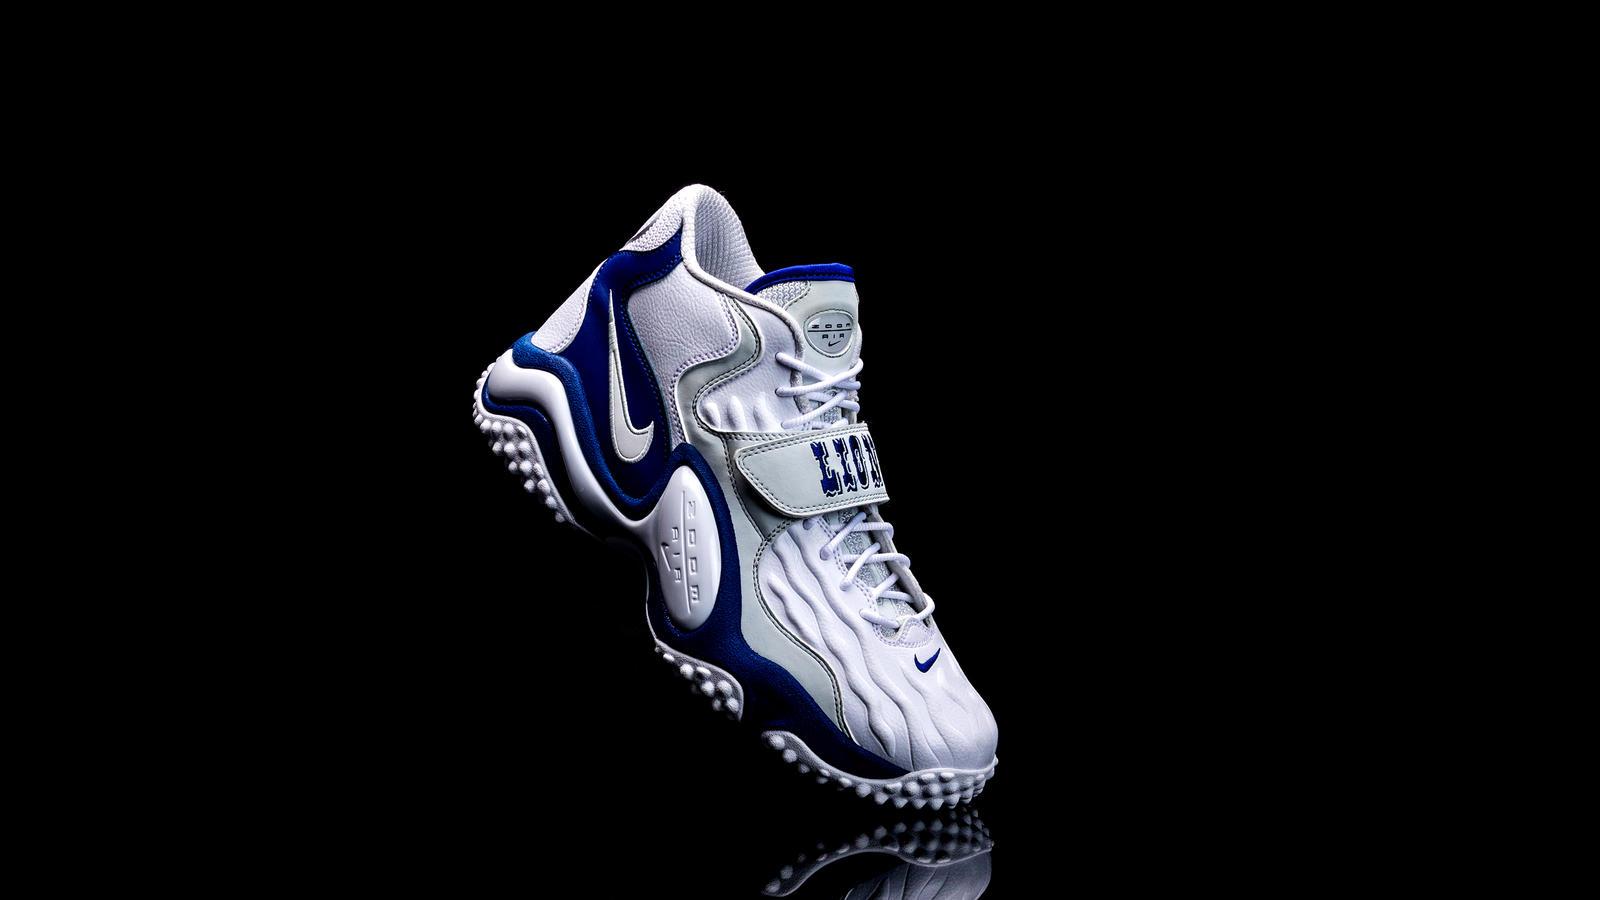 Nike unveils shoe honoring Hall of Famer, former Detroit